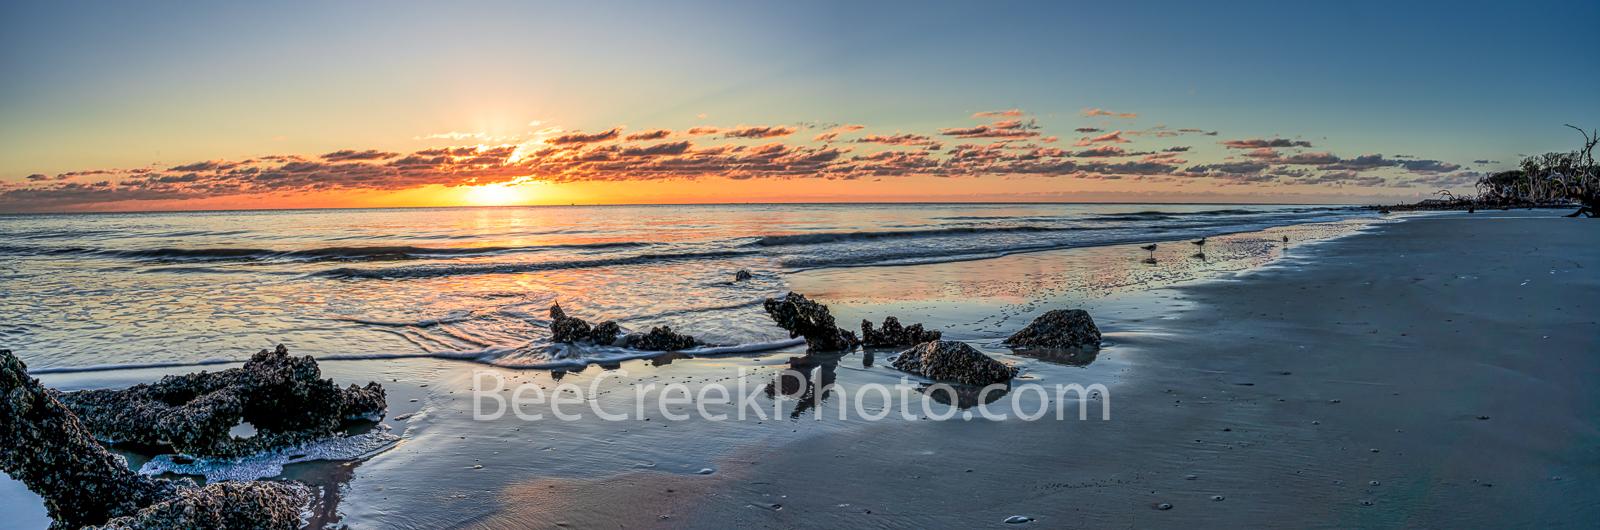 Jekyll island, Alantic Ocean, beach, sandy beach, beach, sea and sand, alantic coast, seascape, driftwood, beach sunrise, coastal, barnicals, pano, panorama, beachscape, seascape, , photo